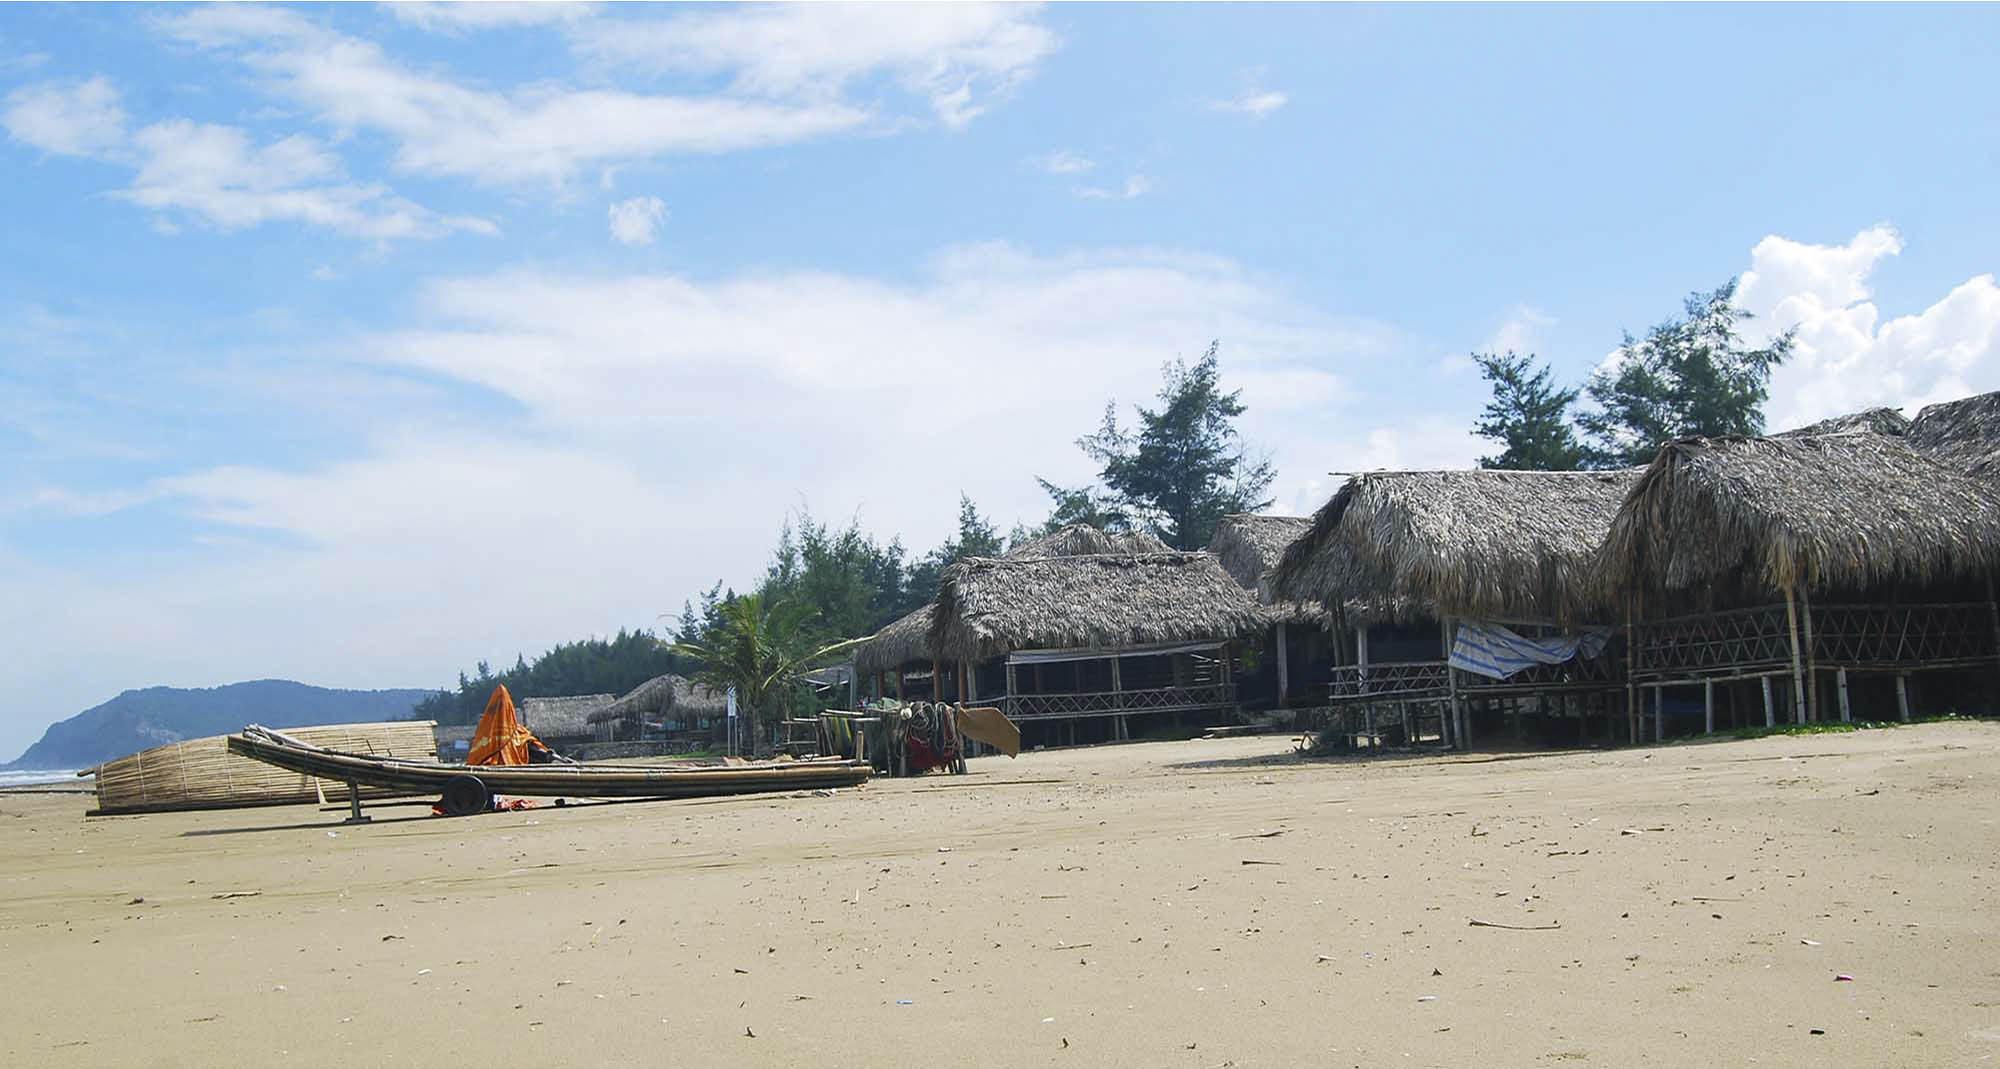 Bãi biển Tĩnh gia: Chòi nghỉ ở biển